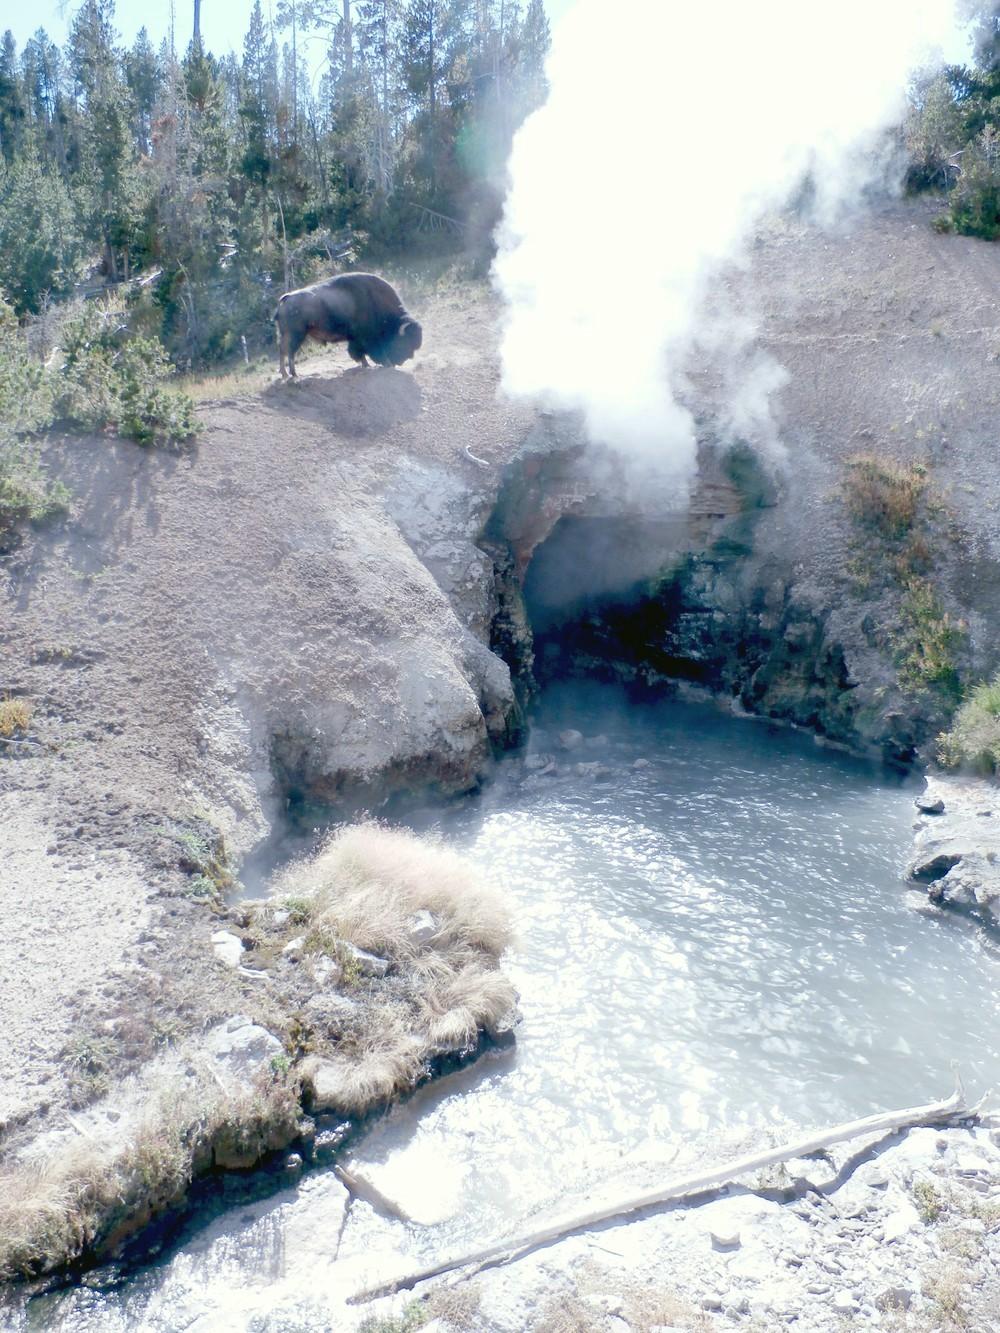 Odvážny (alebo bláznivý?) bizón si trúfol až na okraj útesu, pod ktorým vyviera vriaca voda.